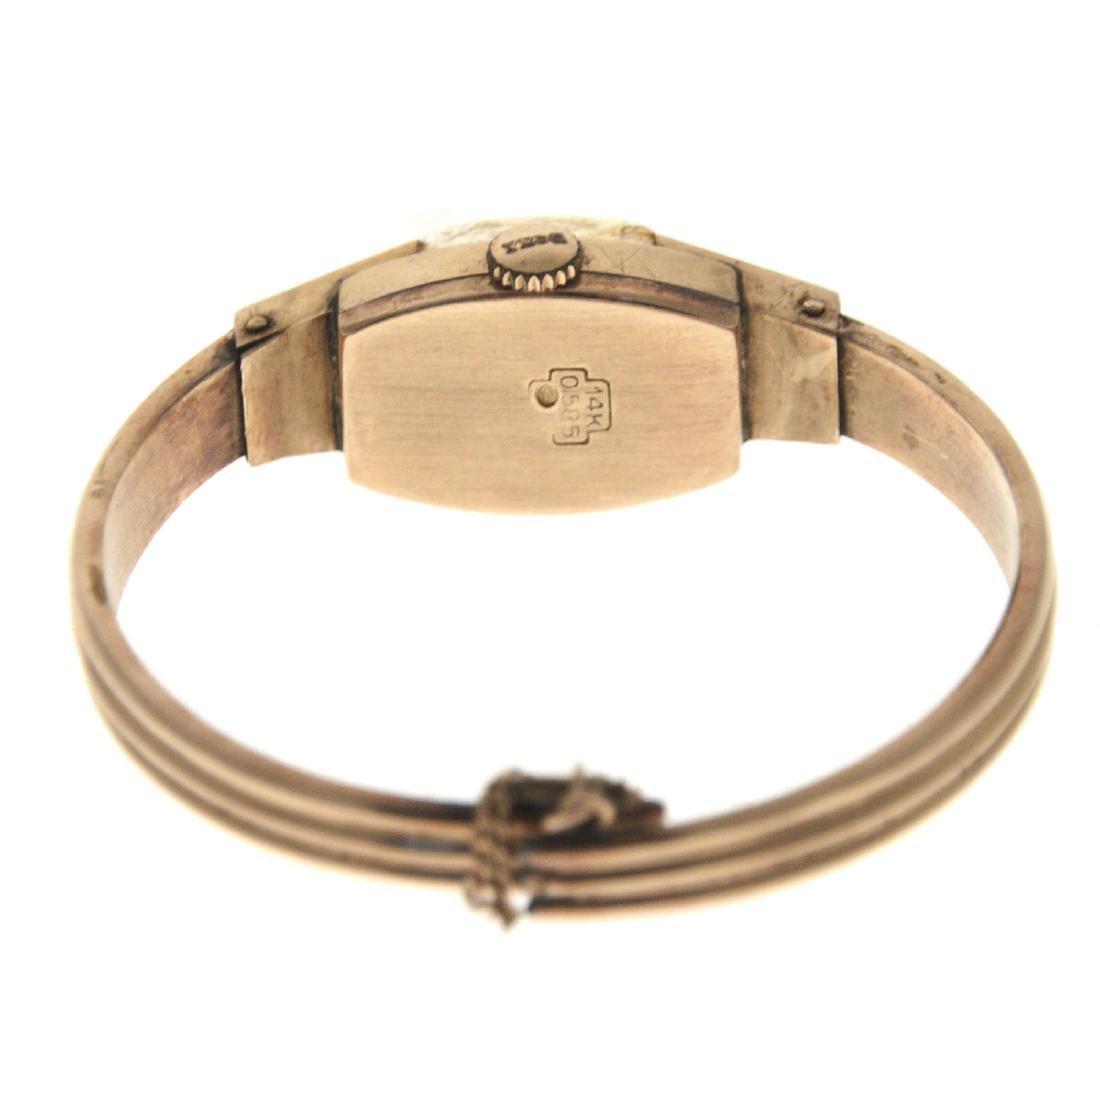 Doxa 14k Gold Lady's Wrist Watch. - 4